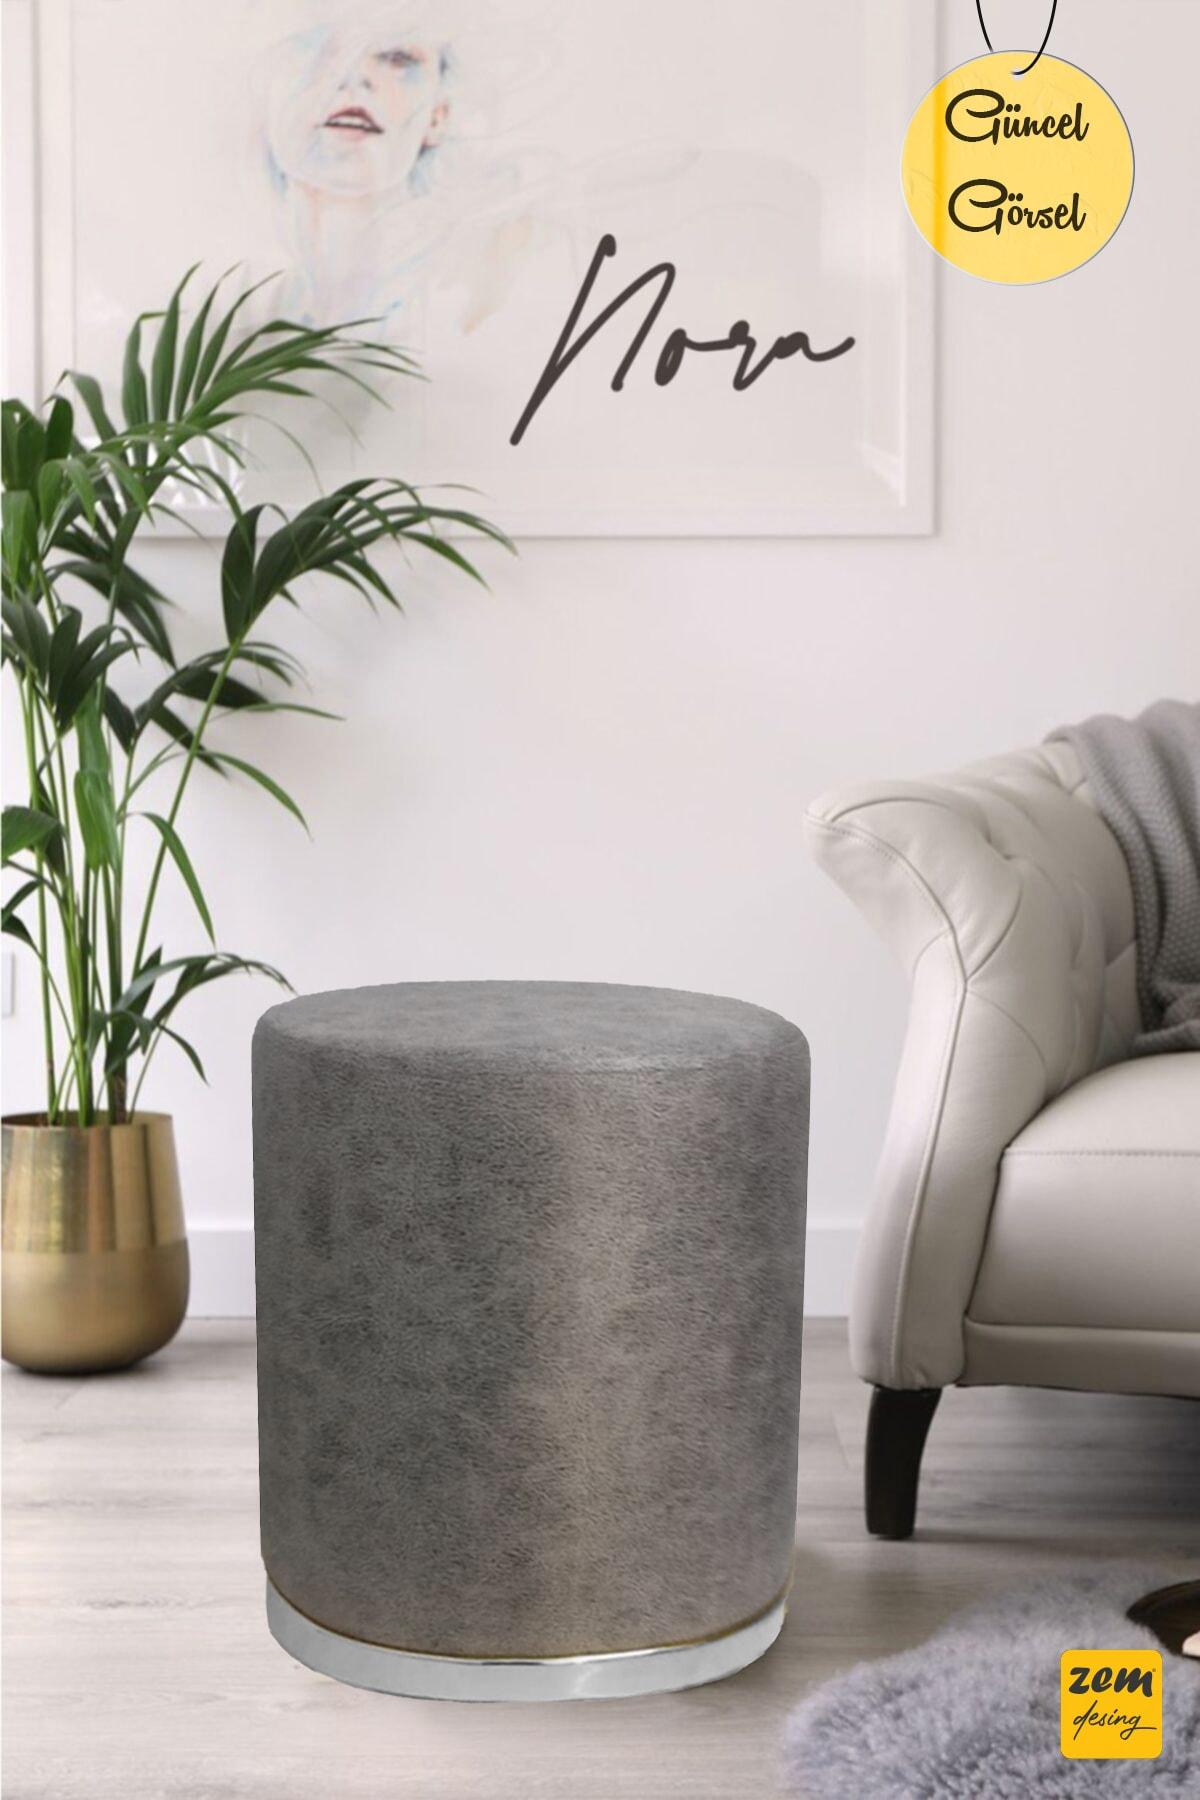 Zem Nora Silinebilir Puf - Grey Silver 1